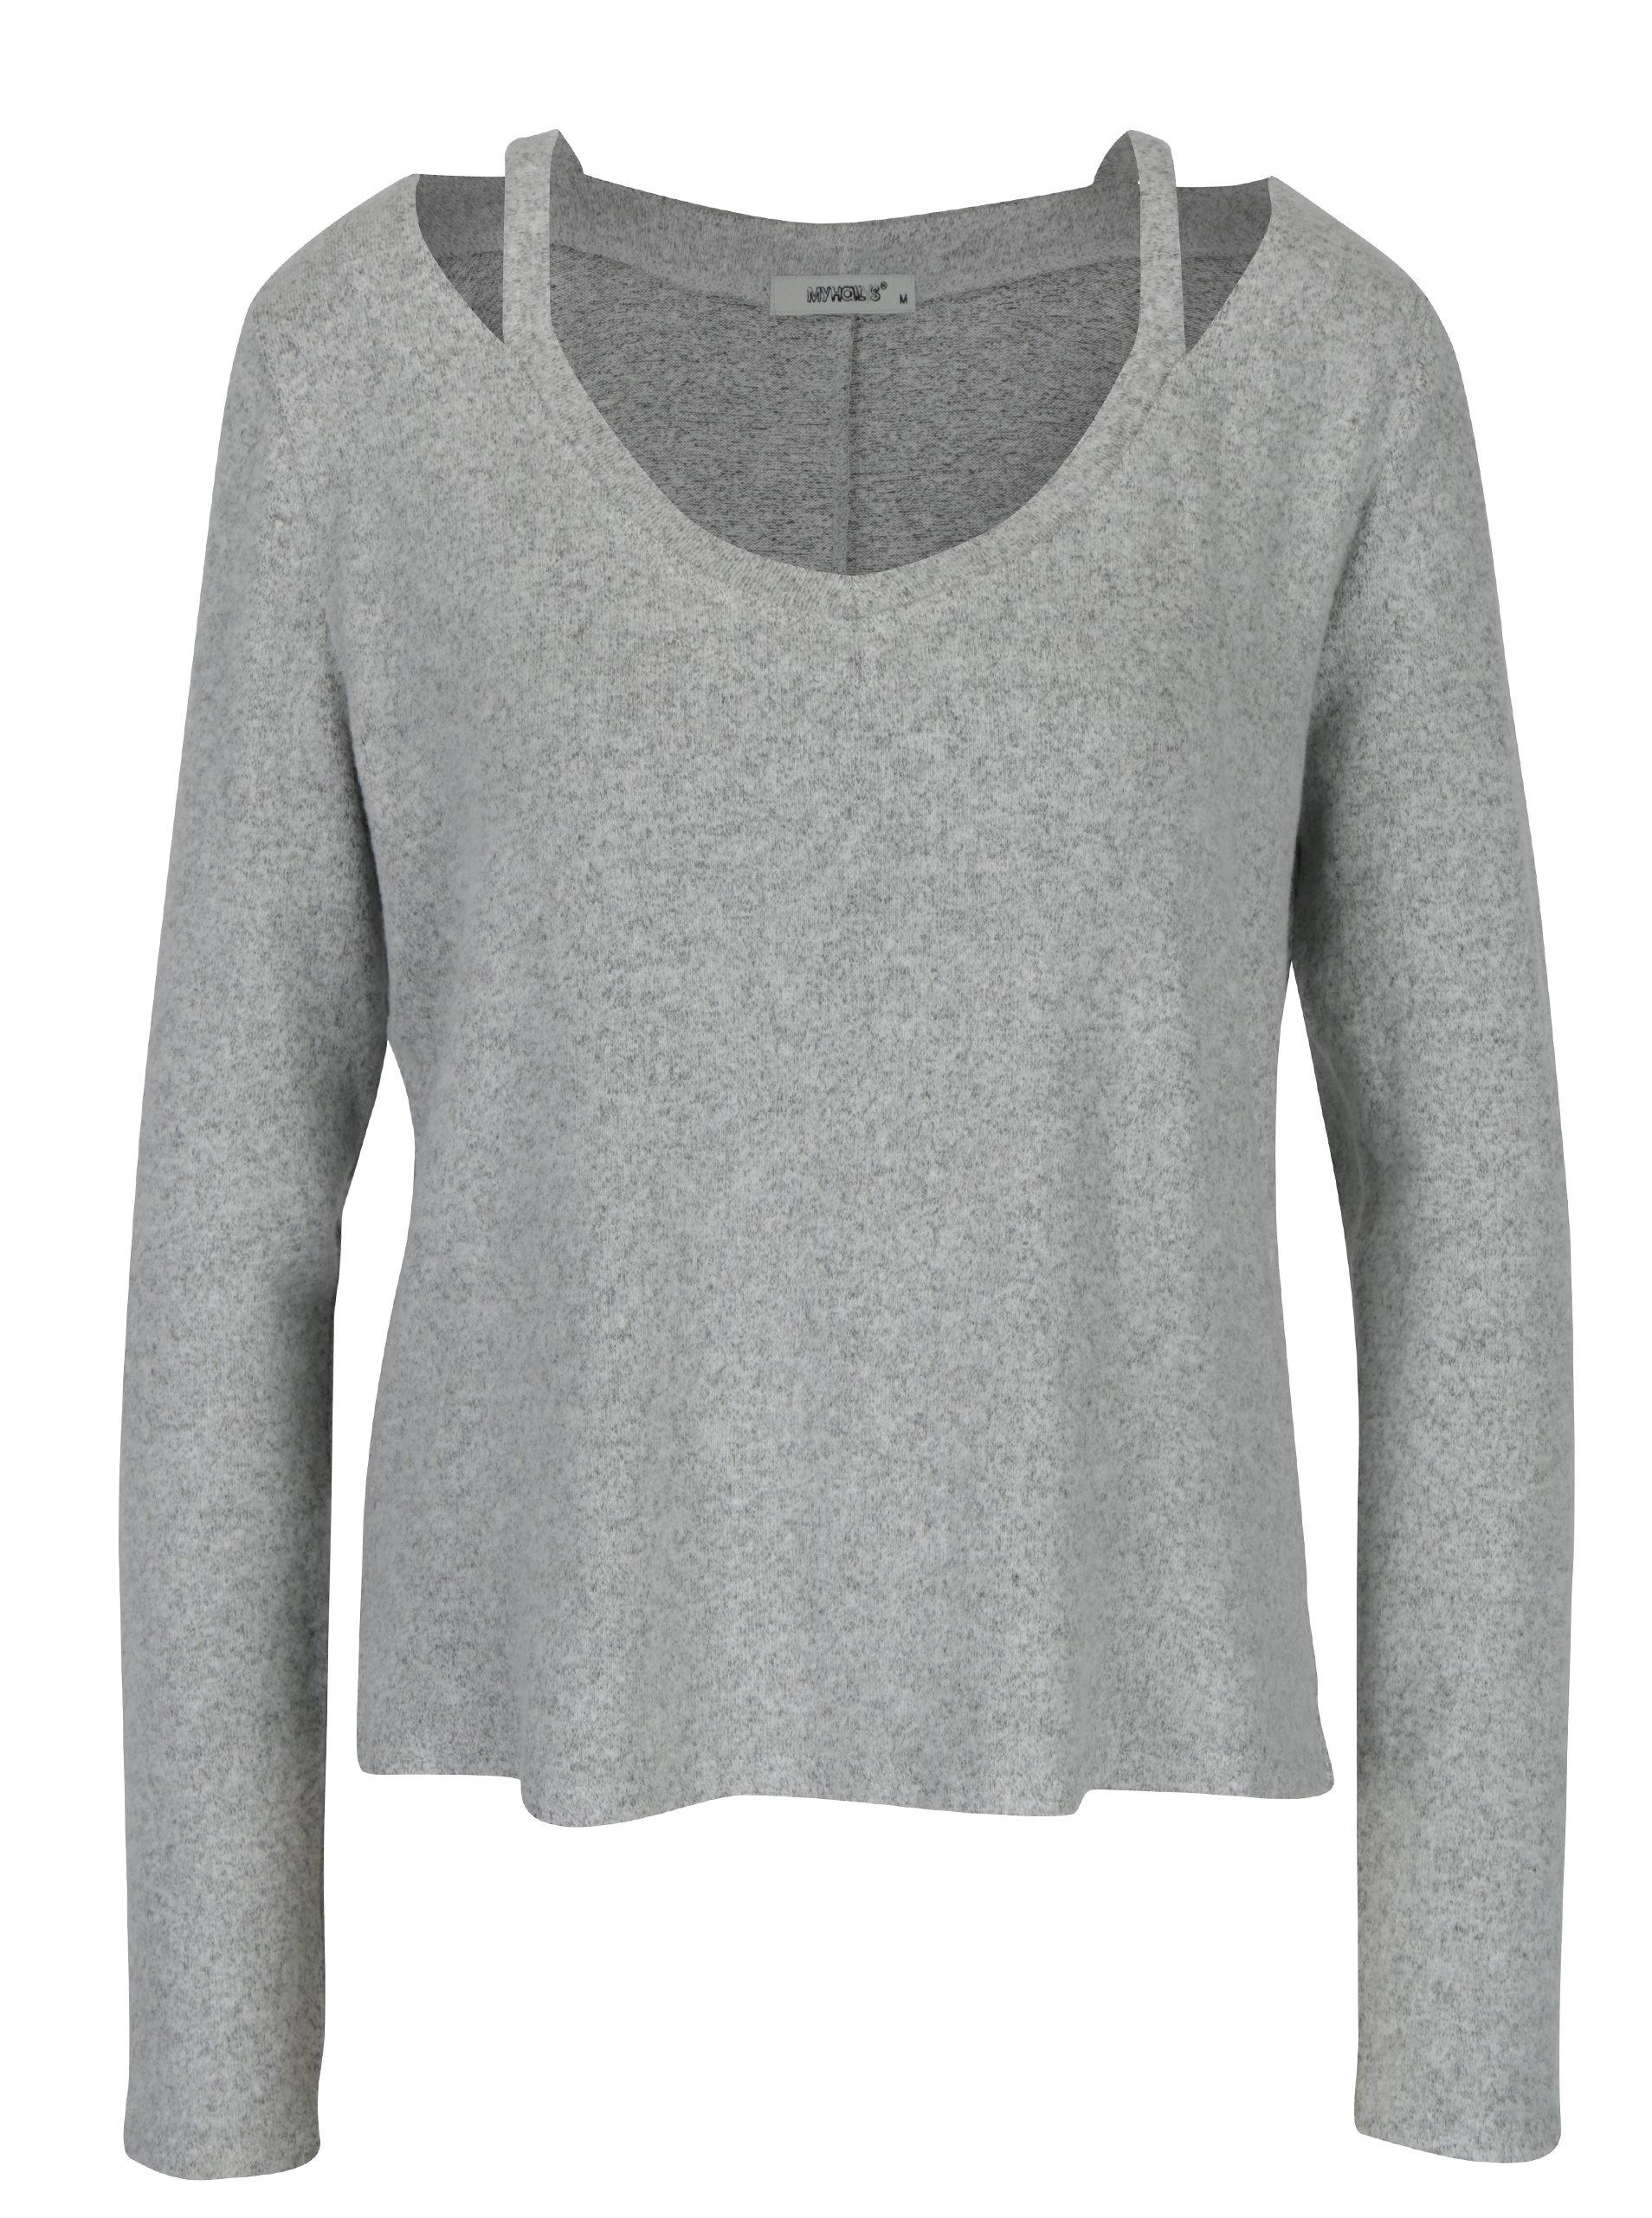 Šedý svetr s prodlouženou zadní částí Haily´s Sunny